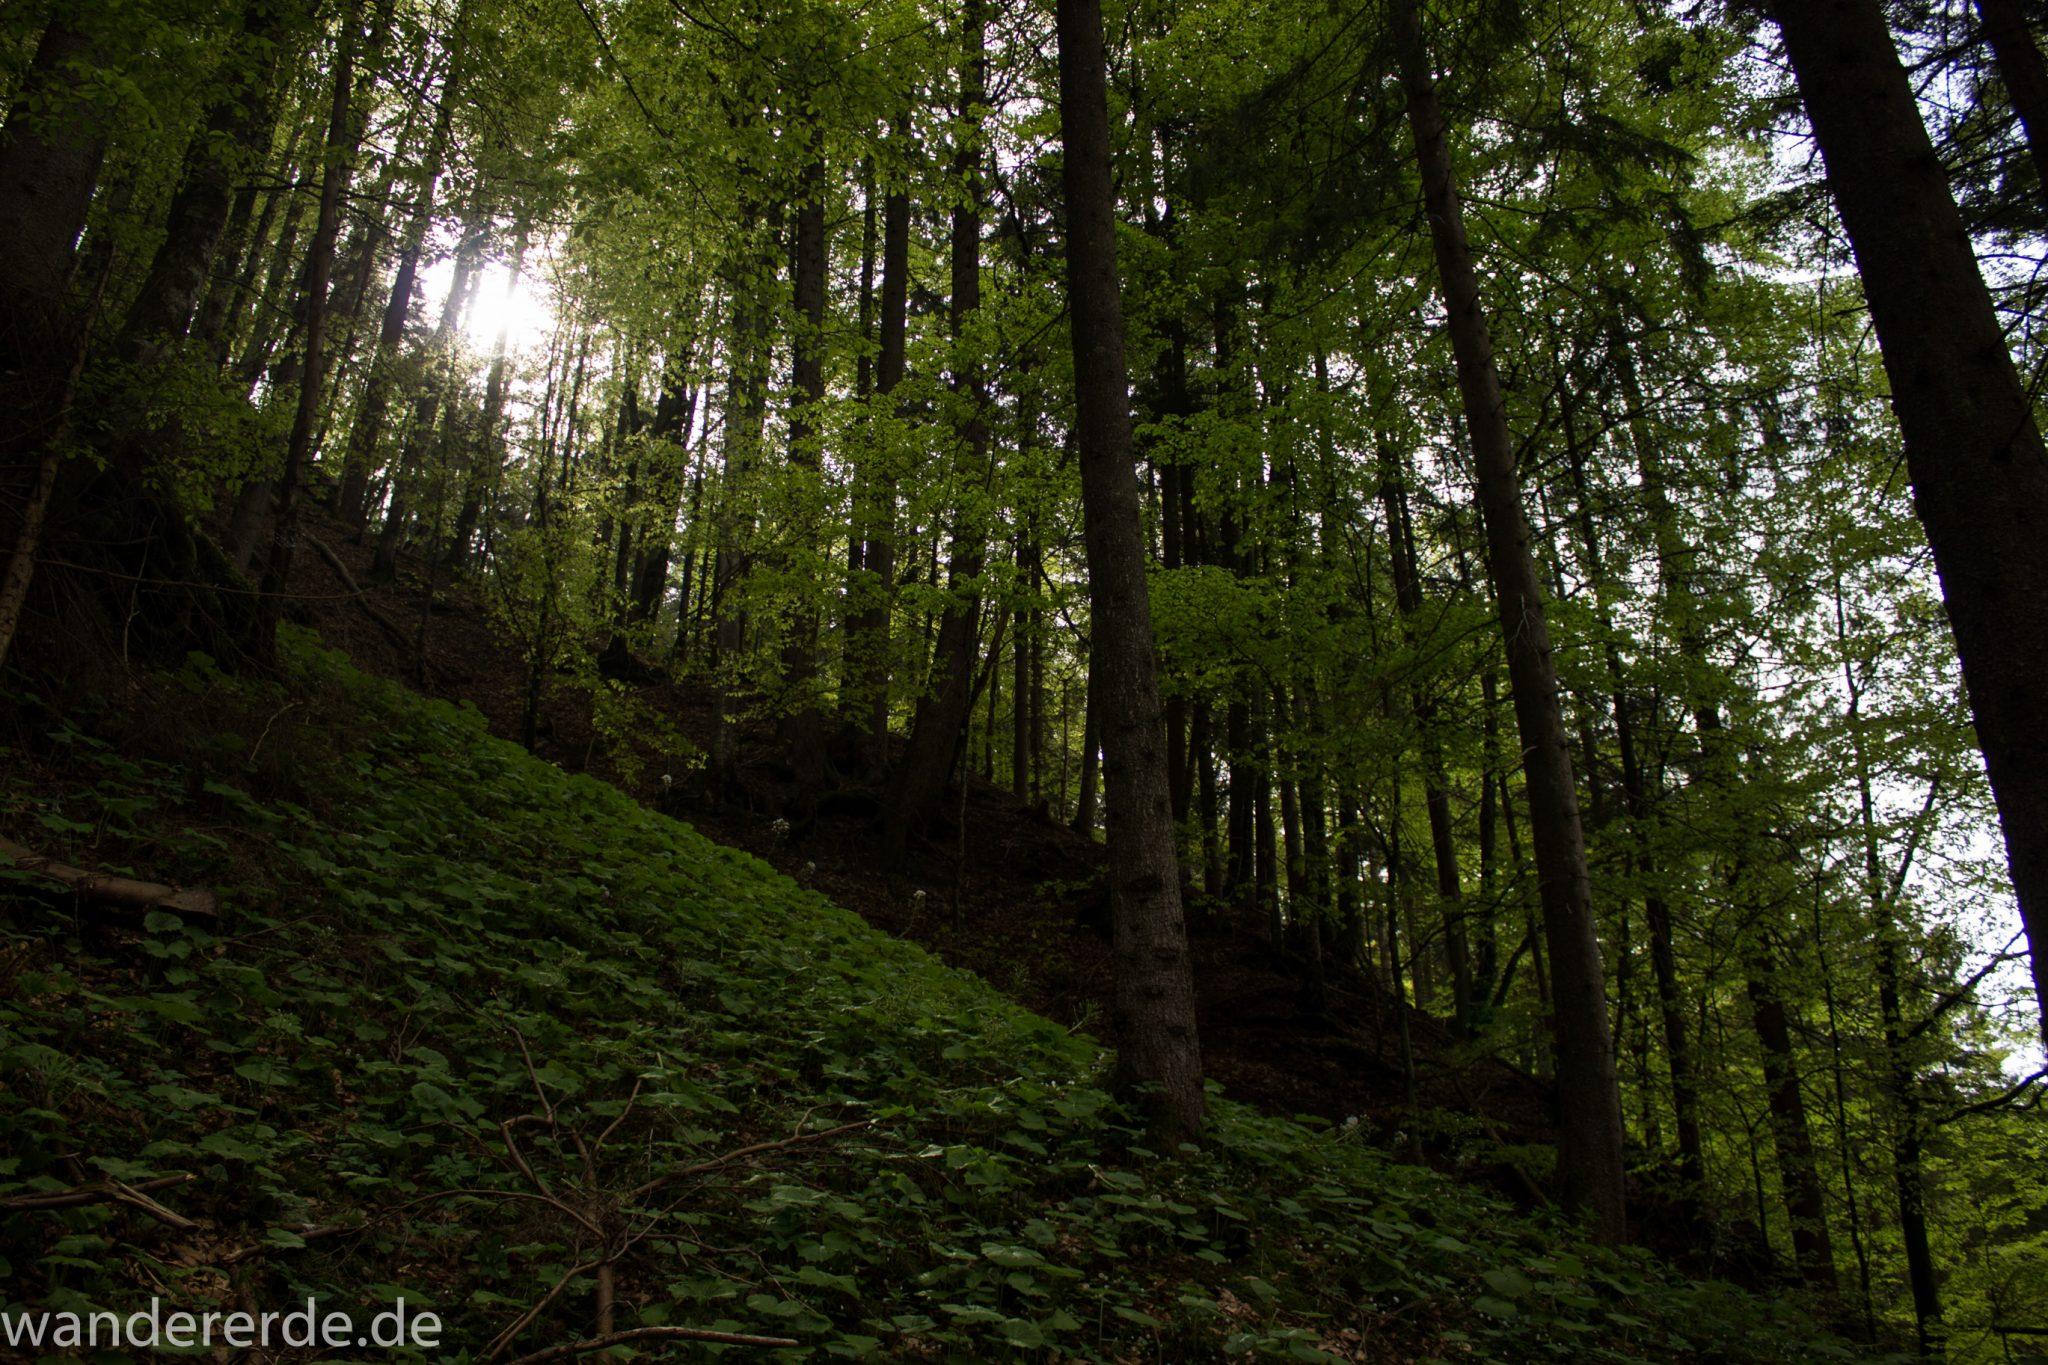 Wanderung Unterer Gaisalpsee, über Tobelweg zurück nach Oberstdorf, umgeben von schönem dichtem Mischwald, abwechselungsreicher sehr toller Wanderweg, Sonne zaubert schöne Lichtmomente